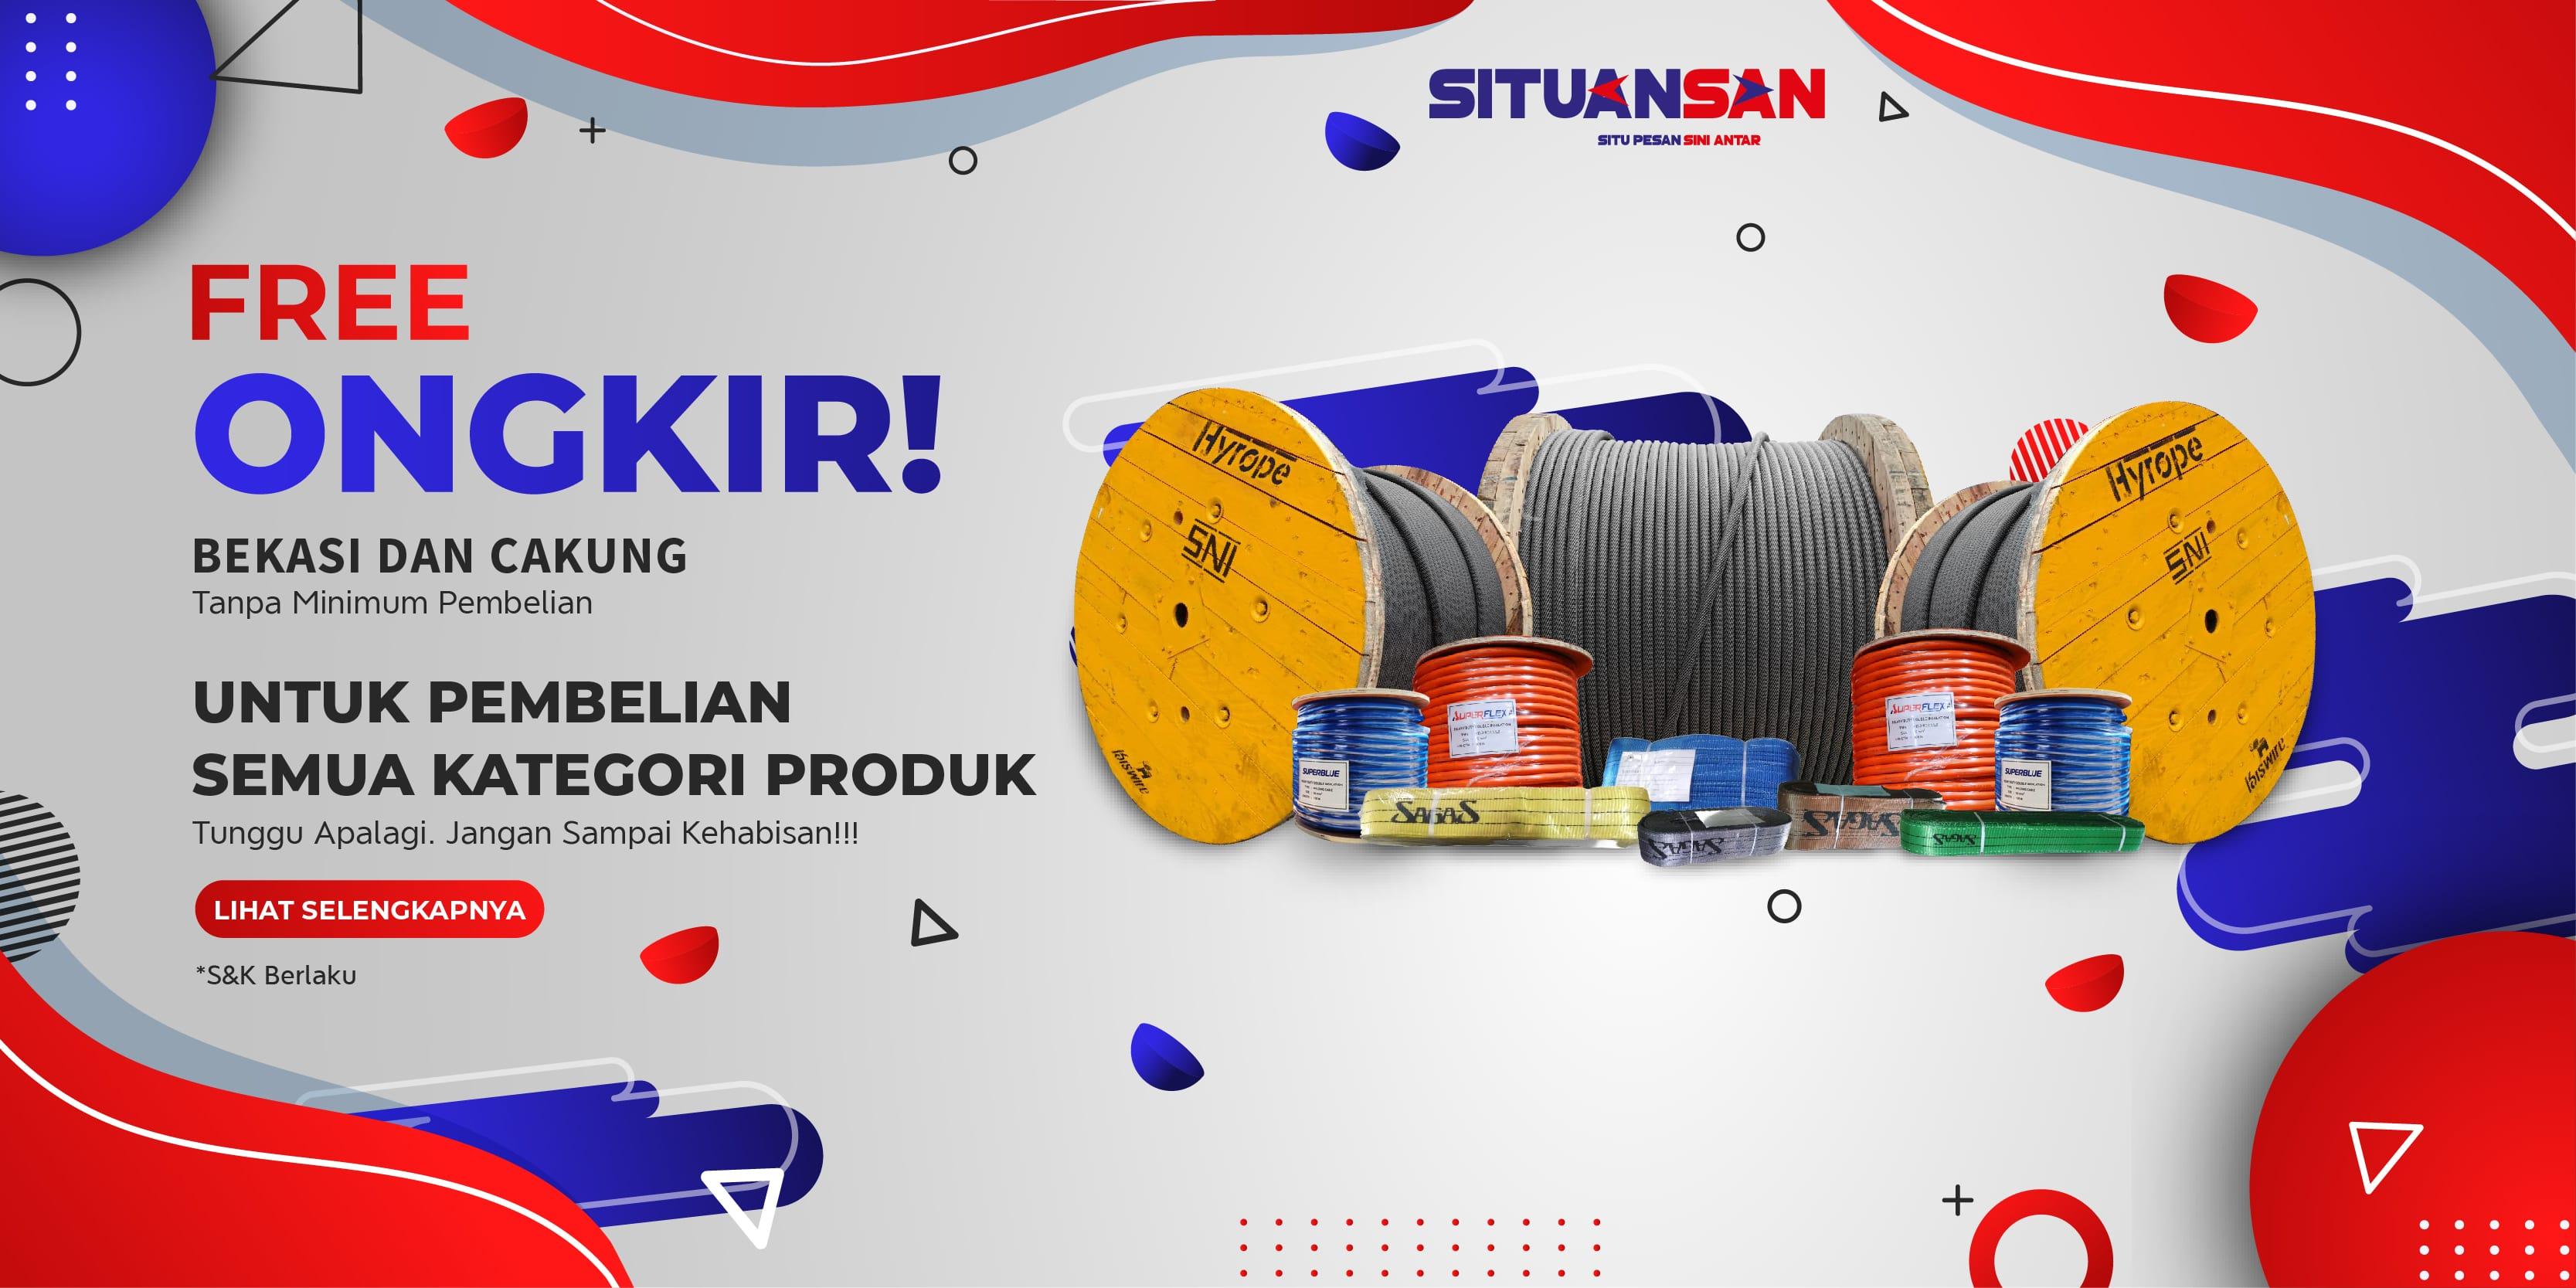 Promo Free Ongkir Bekasi & Cakung